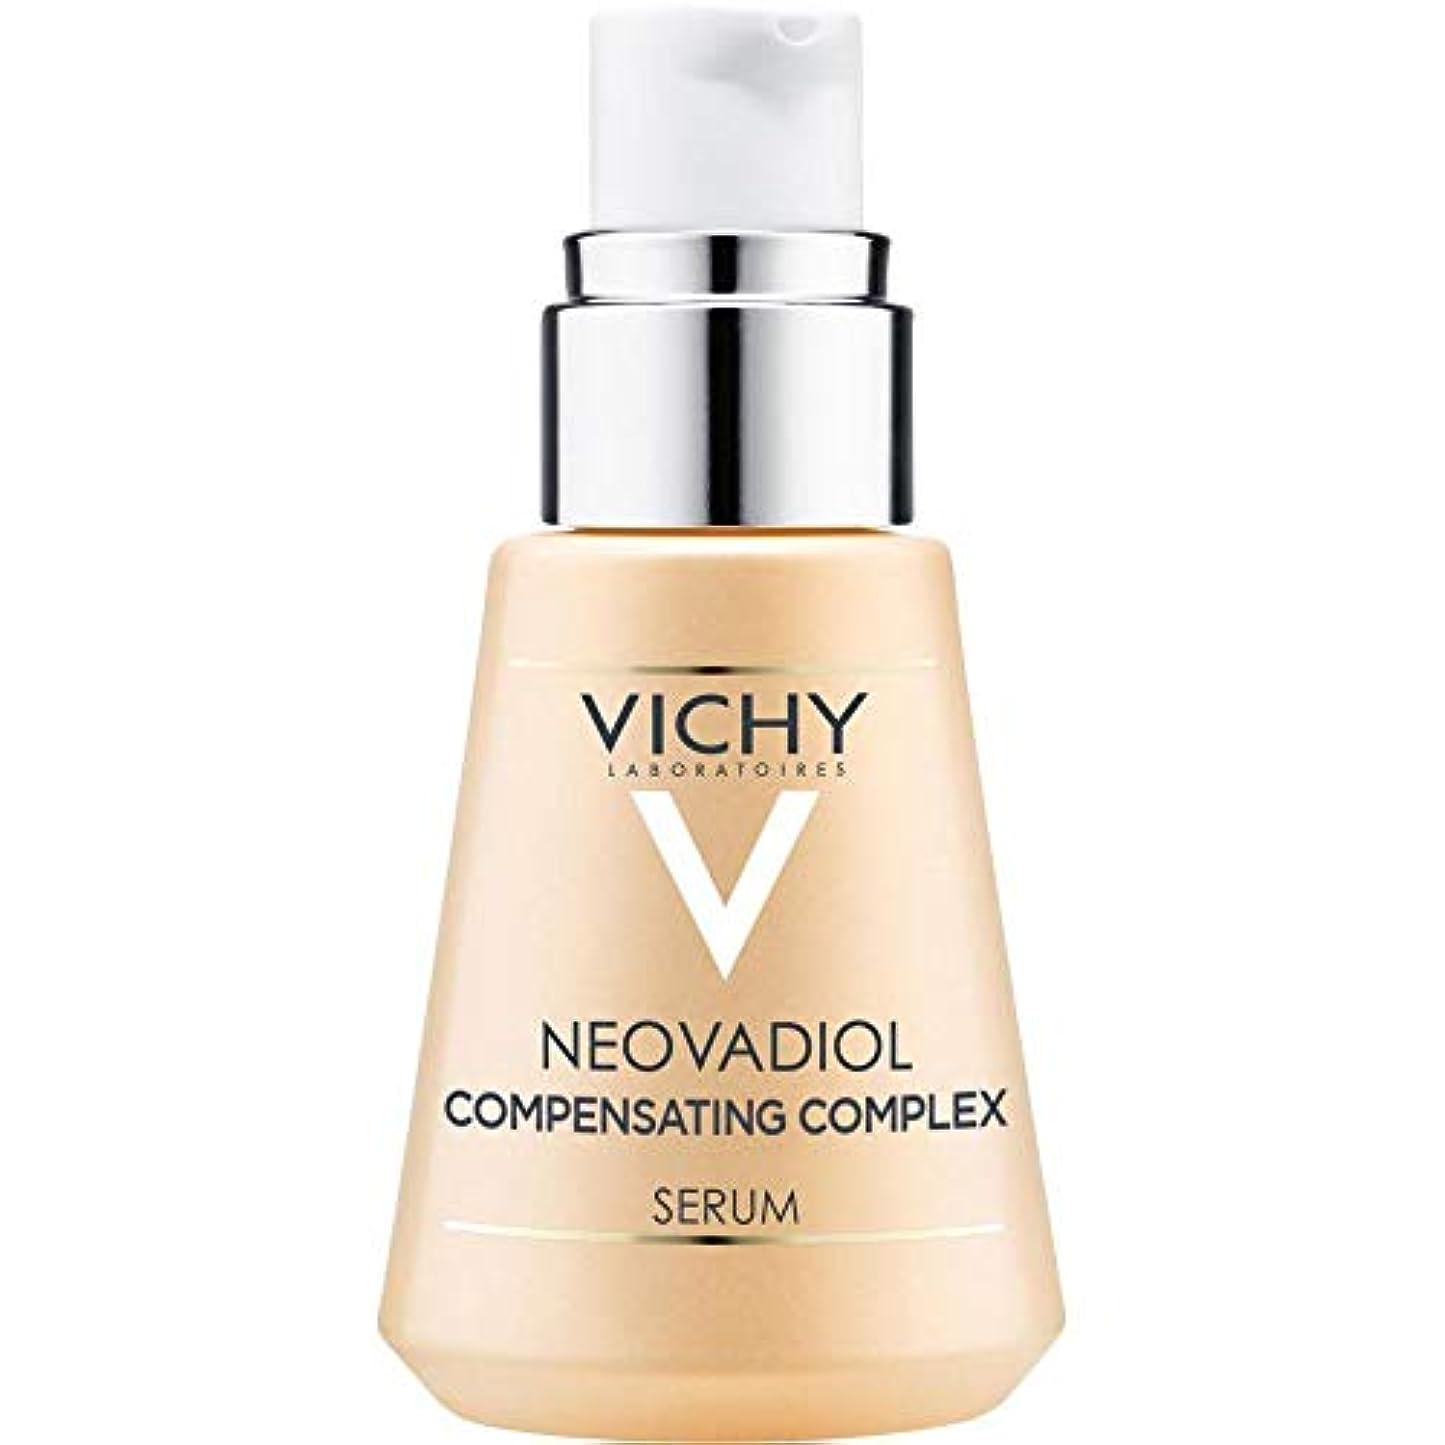 テープカメ観点[Vichy] 複雑なセラム30Mlを補償Neovadiolヴィシー - Vichy Neovadiol Compensating Complex Serum 30ml [並行輸入品]